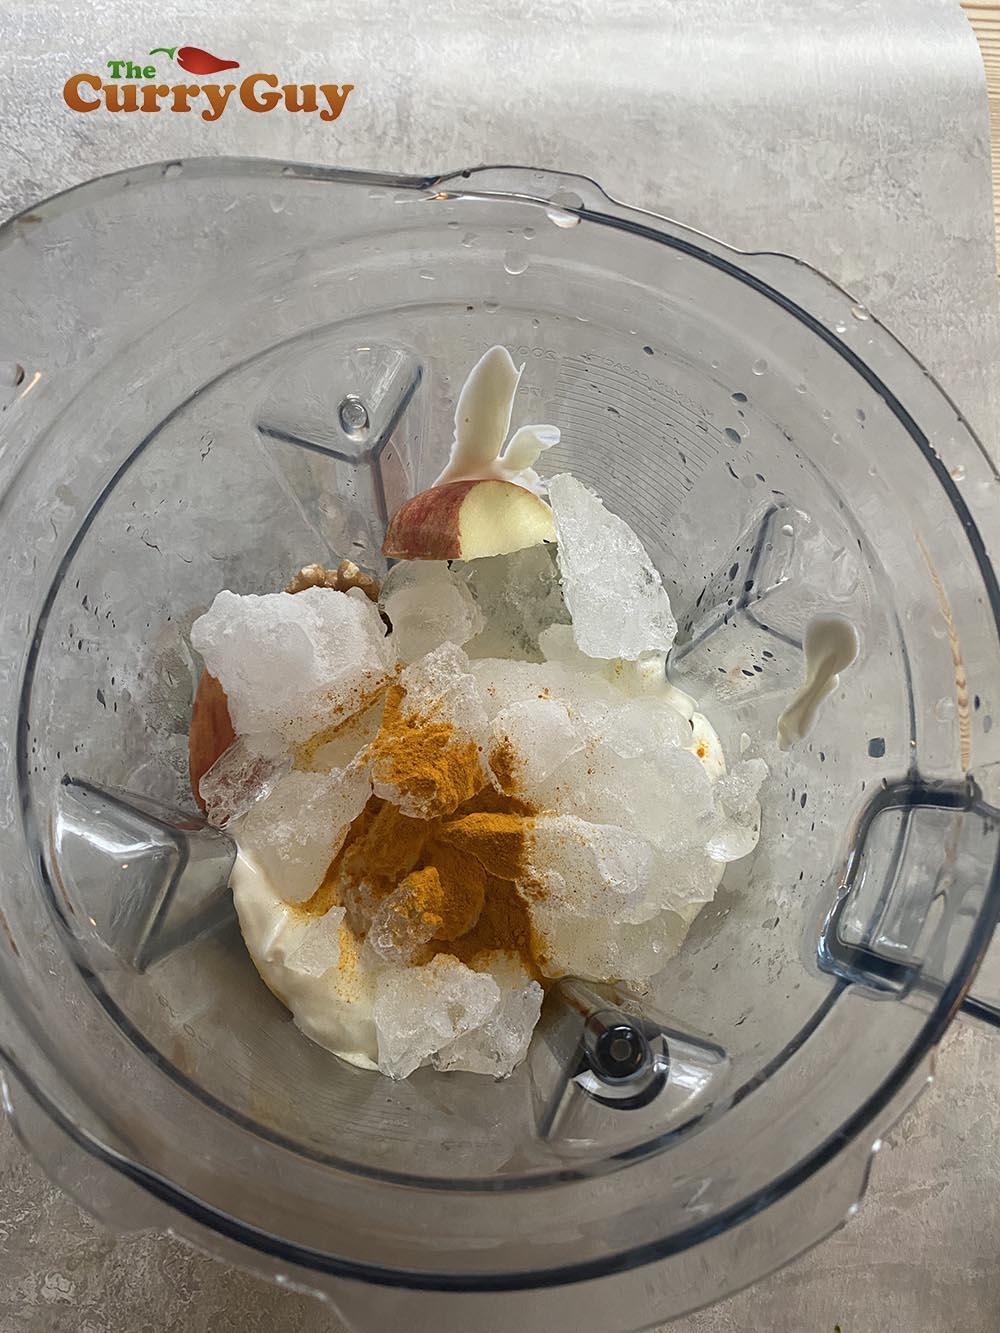 Adding the ice